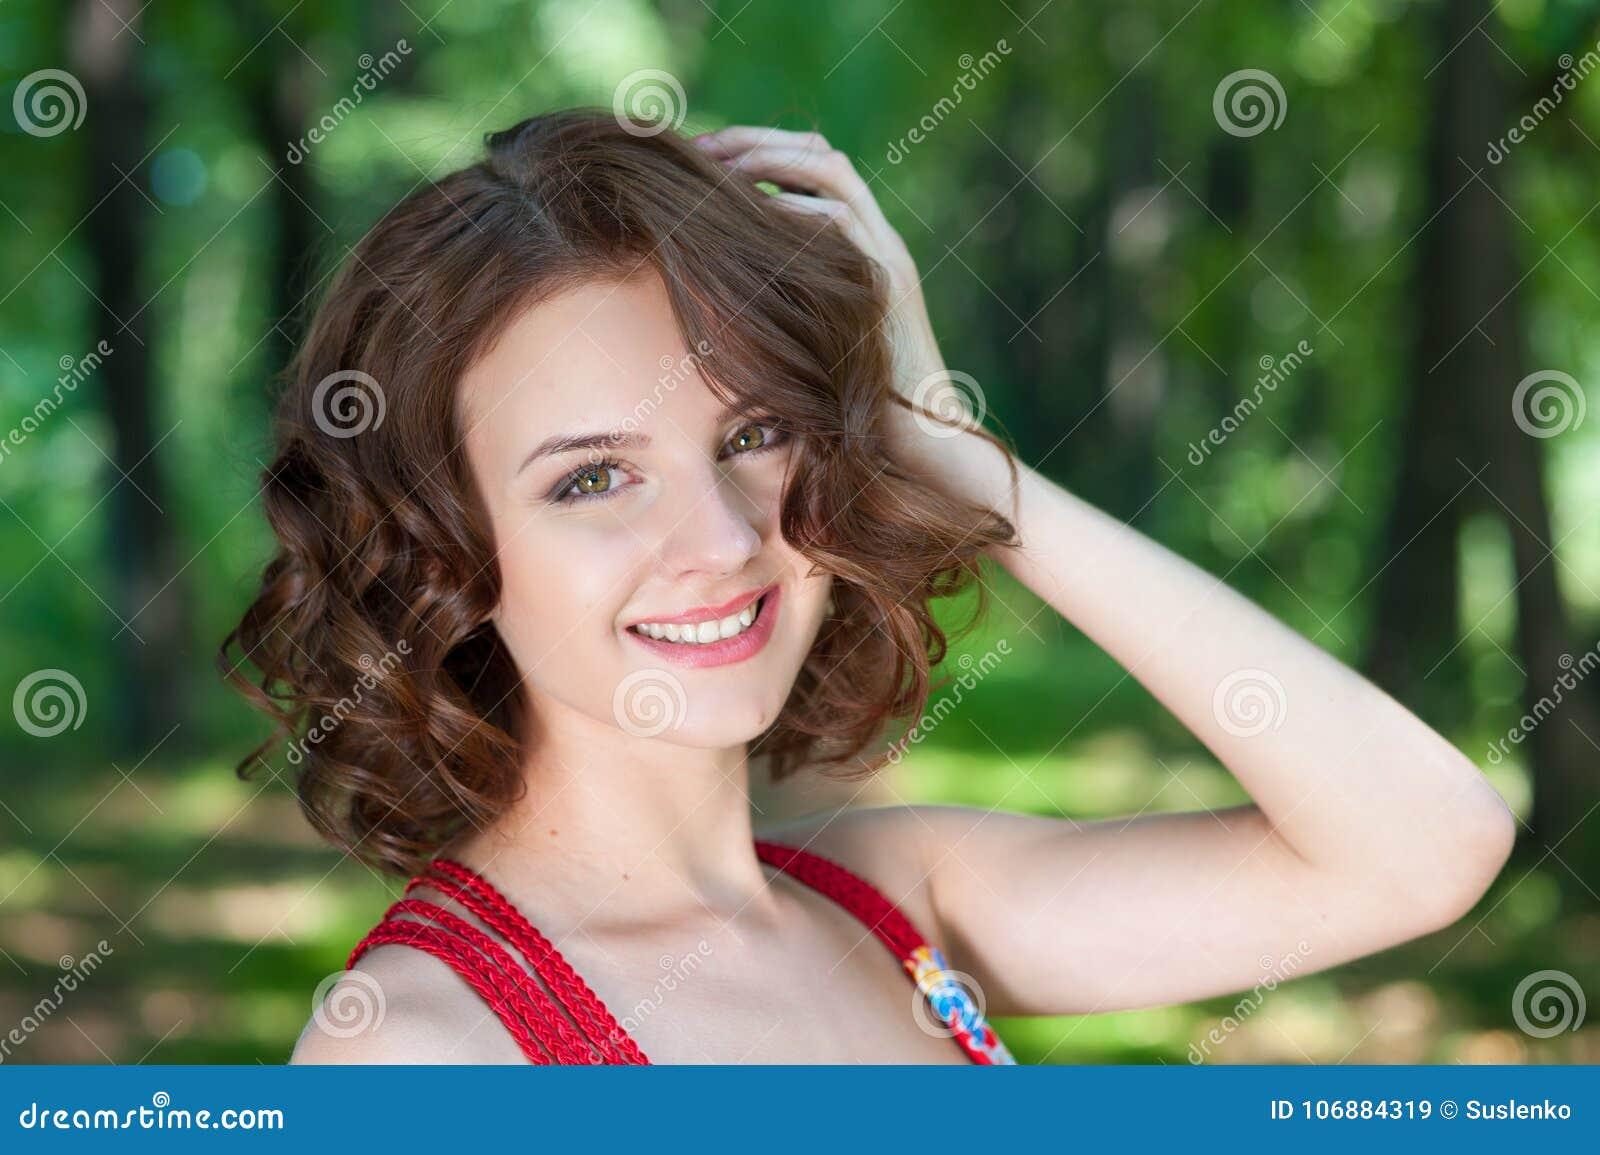 self portrait naked brunette girls